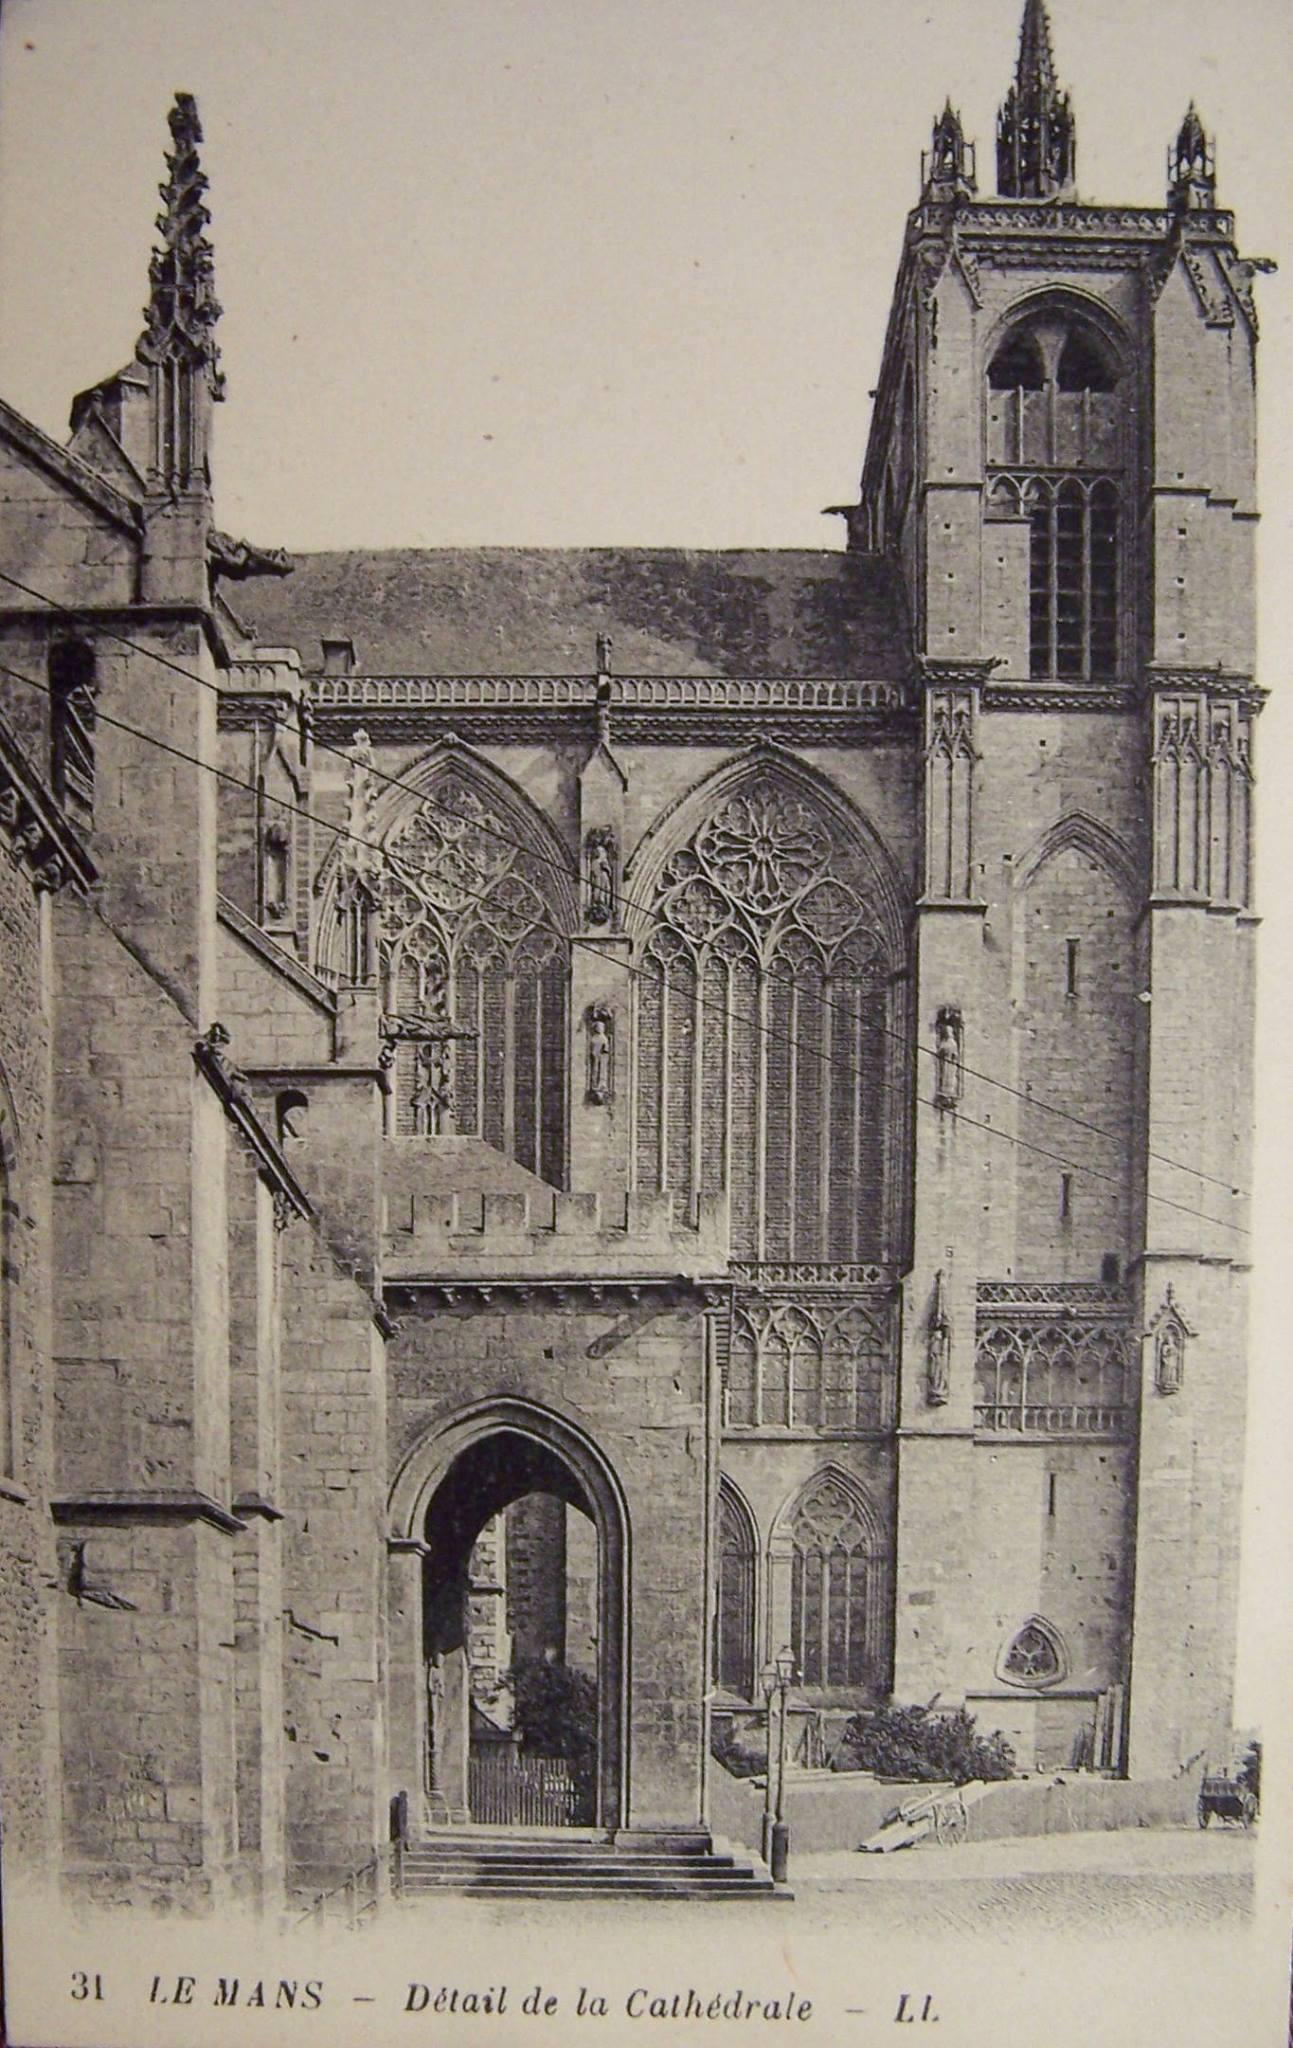 Le Mans - Cathédrale Saint Julien - Détail de la Cathédrale